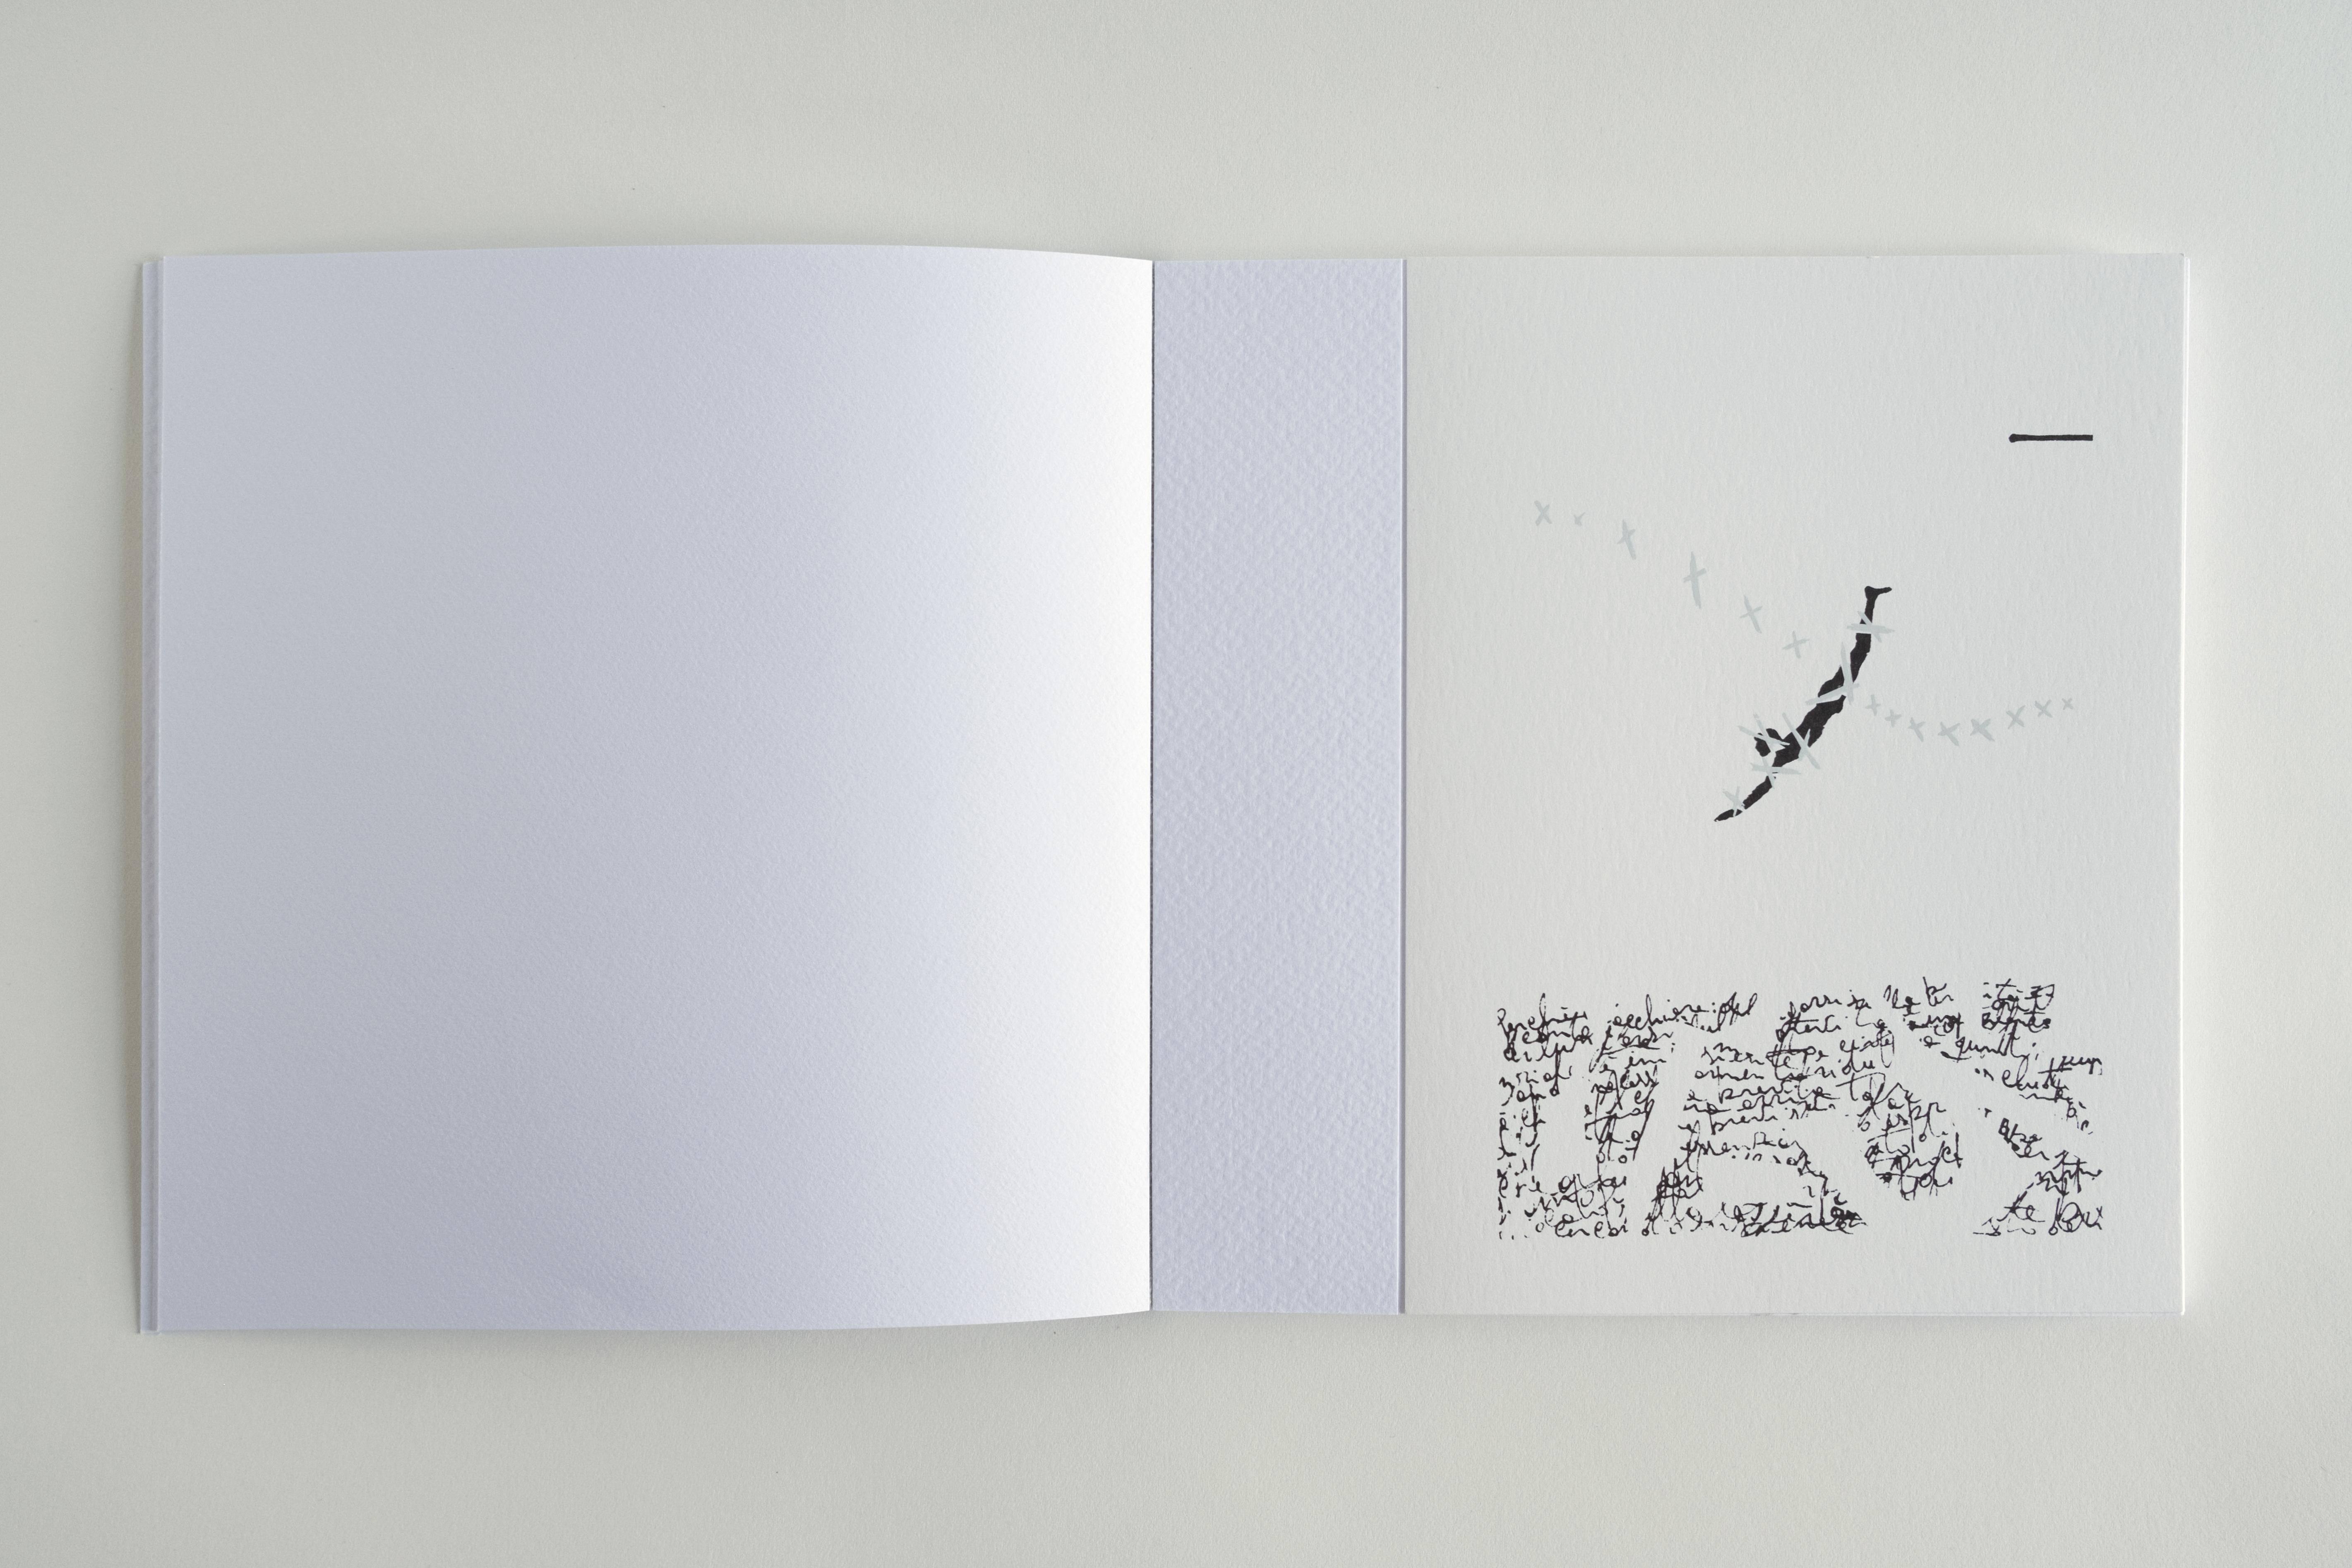 Cum grano salis - Nico Orengo, Luigi Trucillo, Vincenzo Rusciano